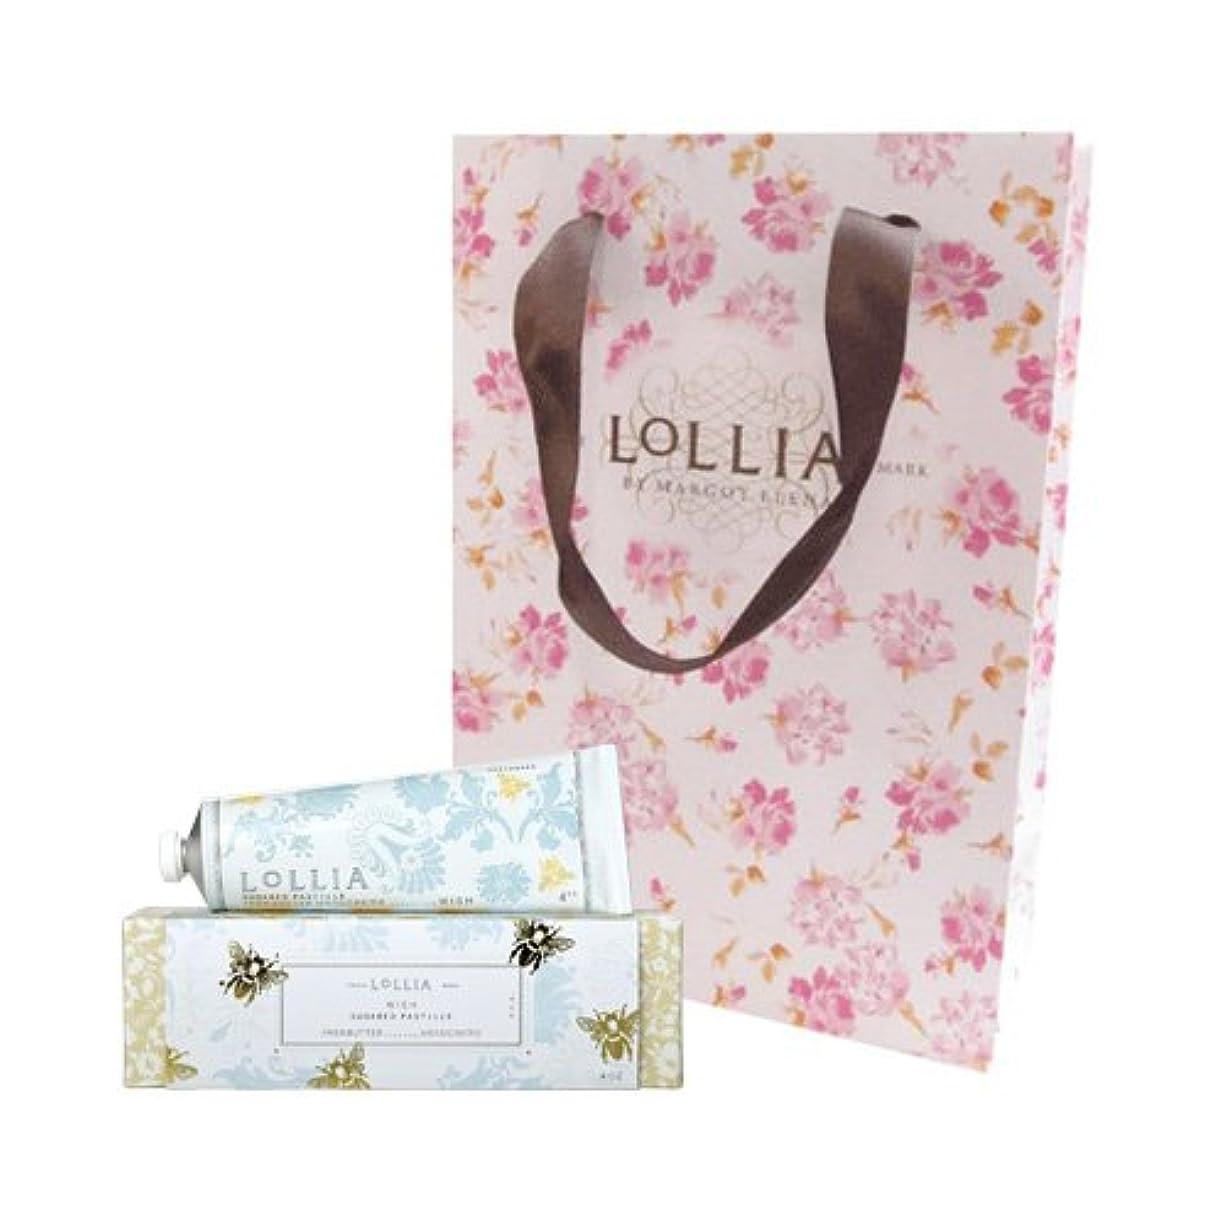 チョップ伝記風変わりなロリア(LoLLIA) ハンドクリーム Wish 35g (白い花にしたたる蜜とバニラの甘く切ない願い) ショッパー付